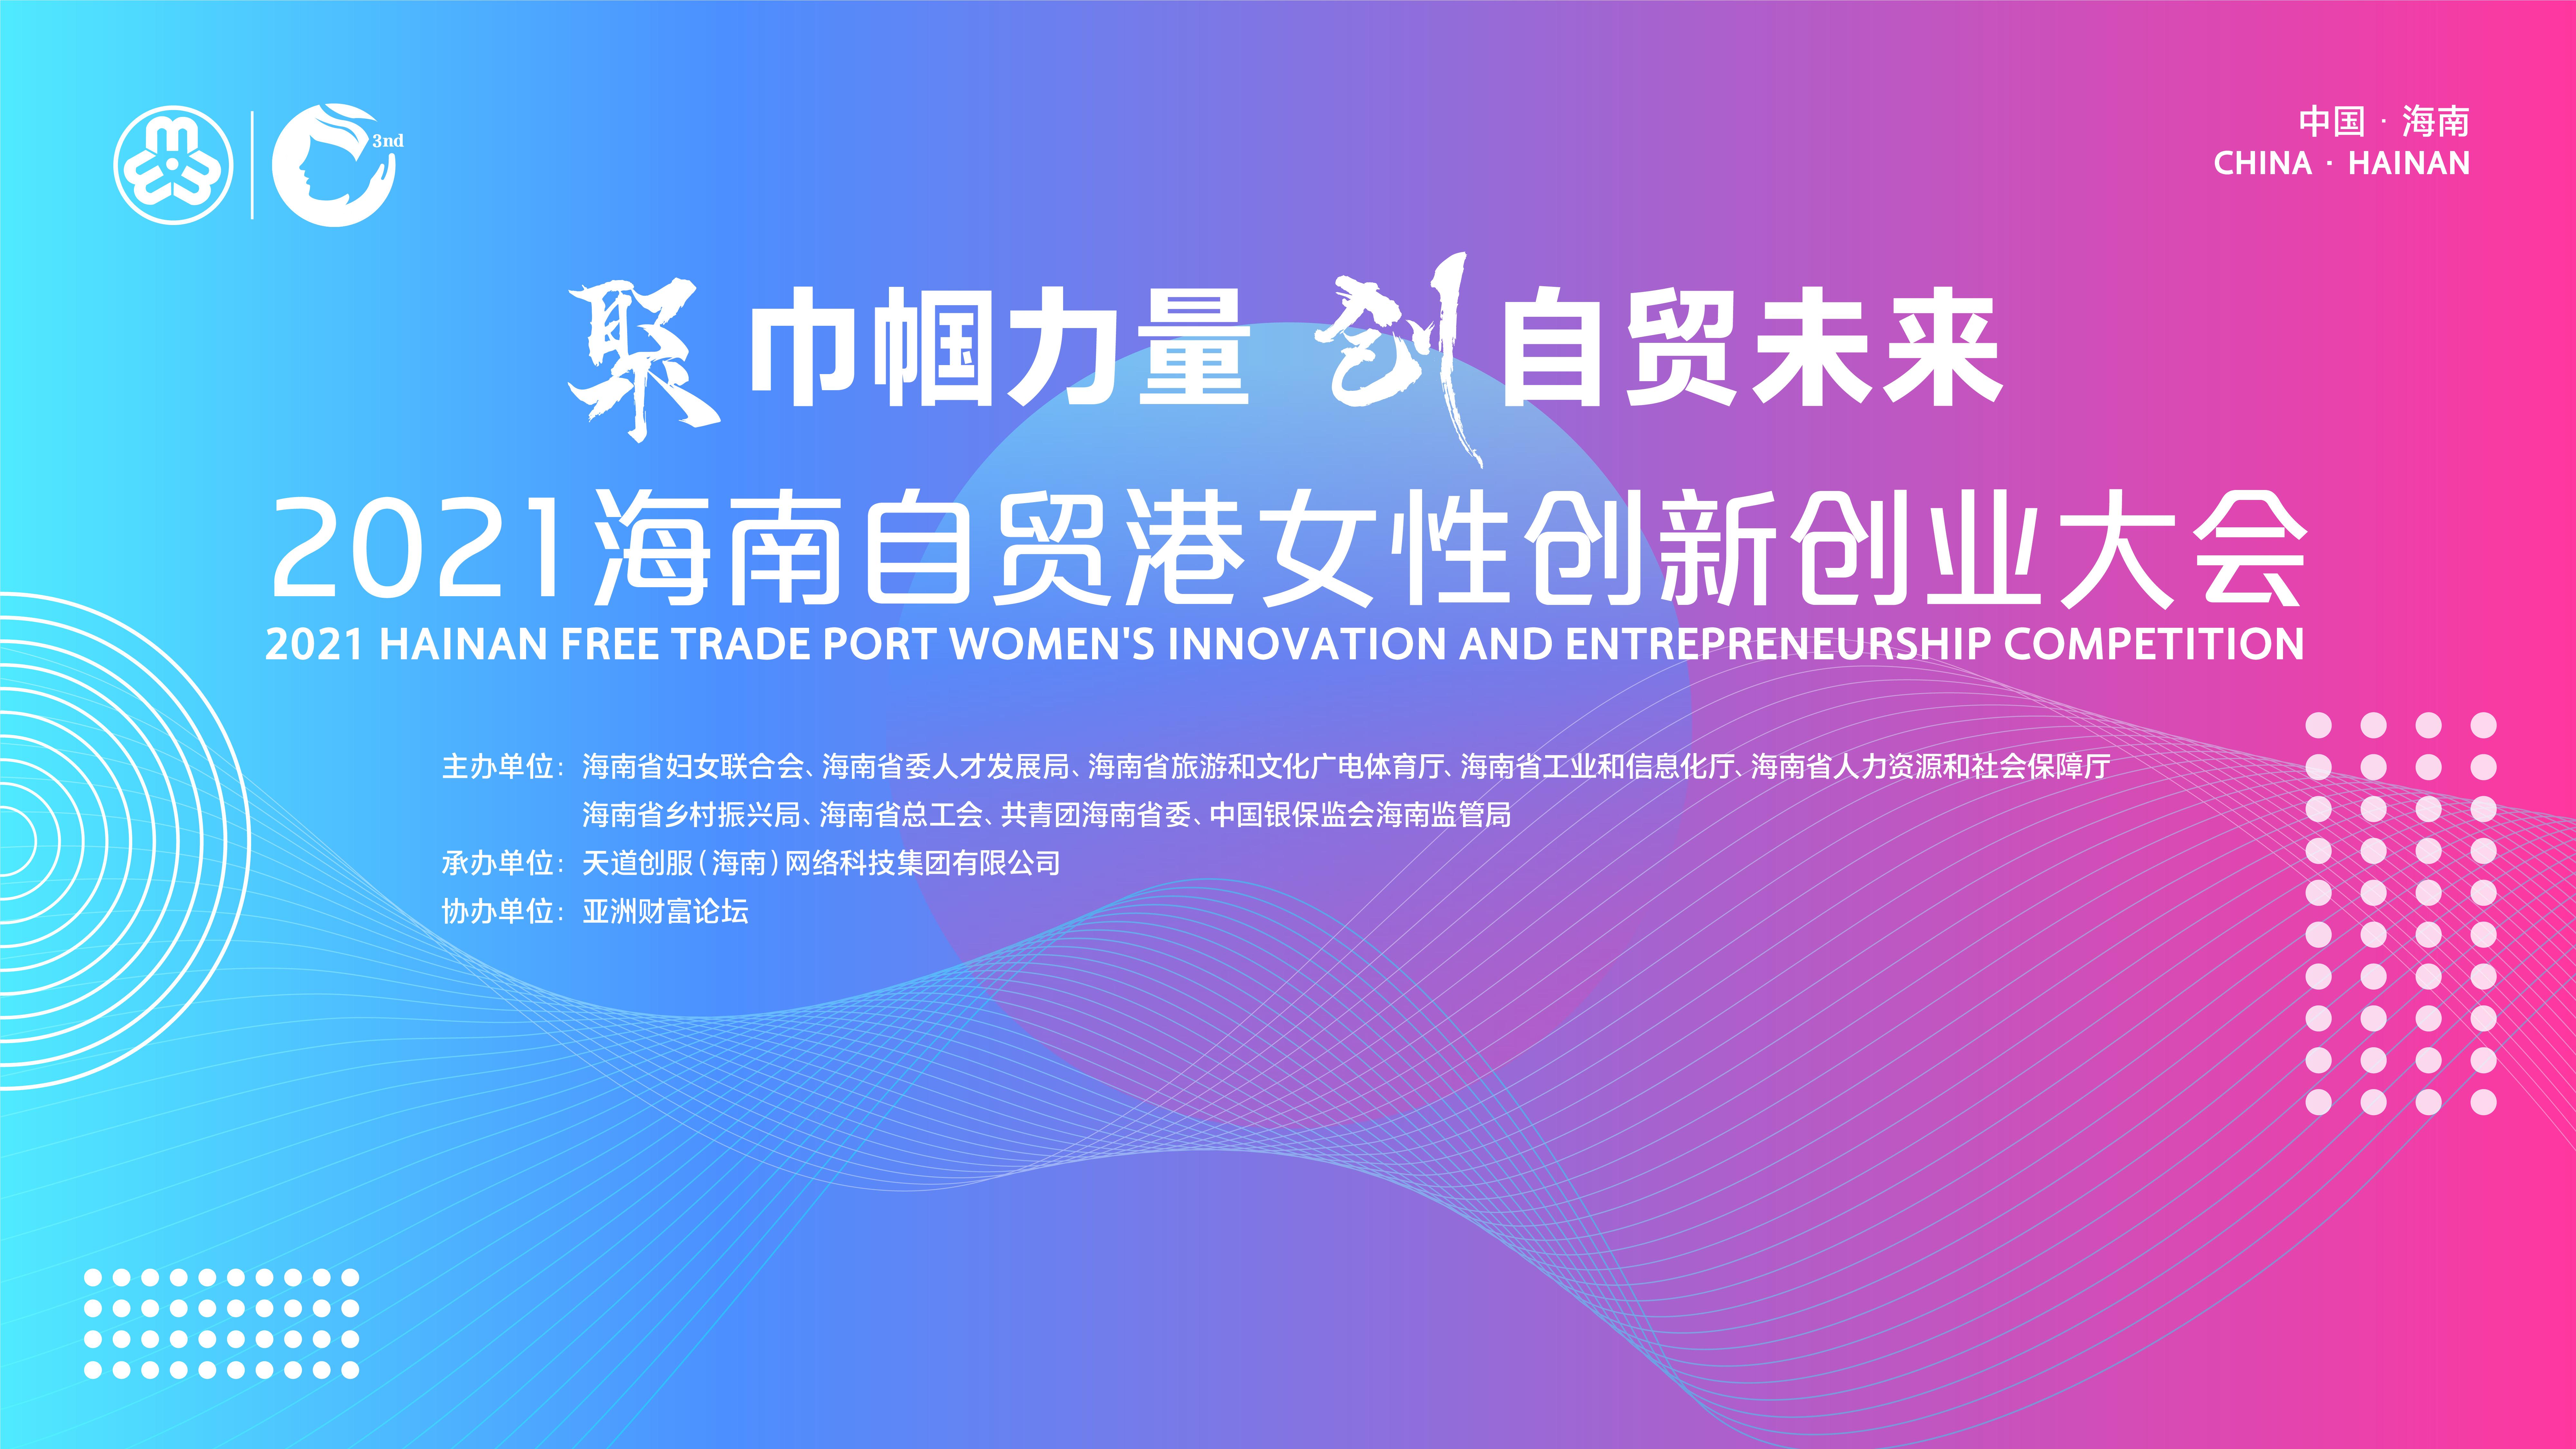 2021海南自贸港女性创新创业大会暨 2021海南自贸港女性创新创业大赛 颁奖仪式